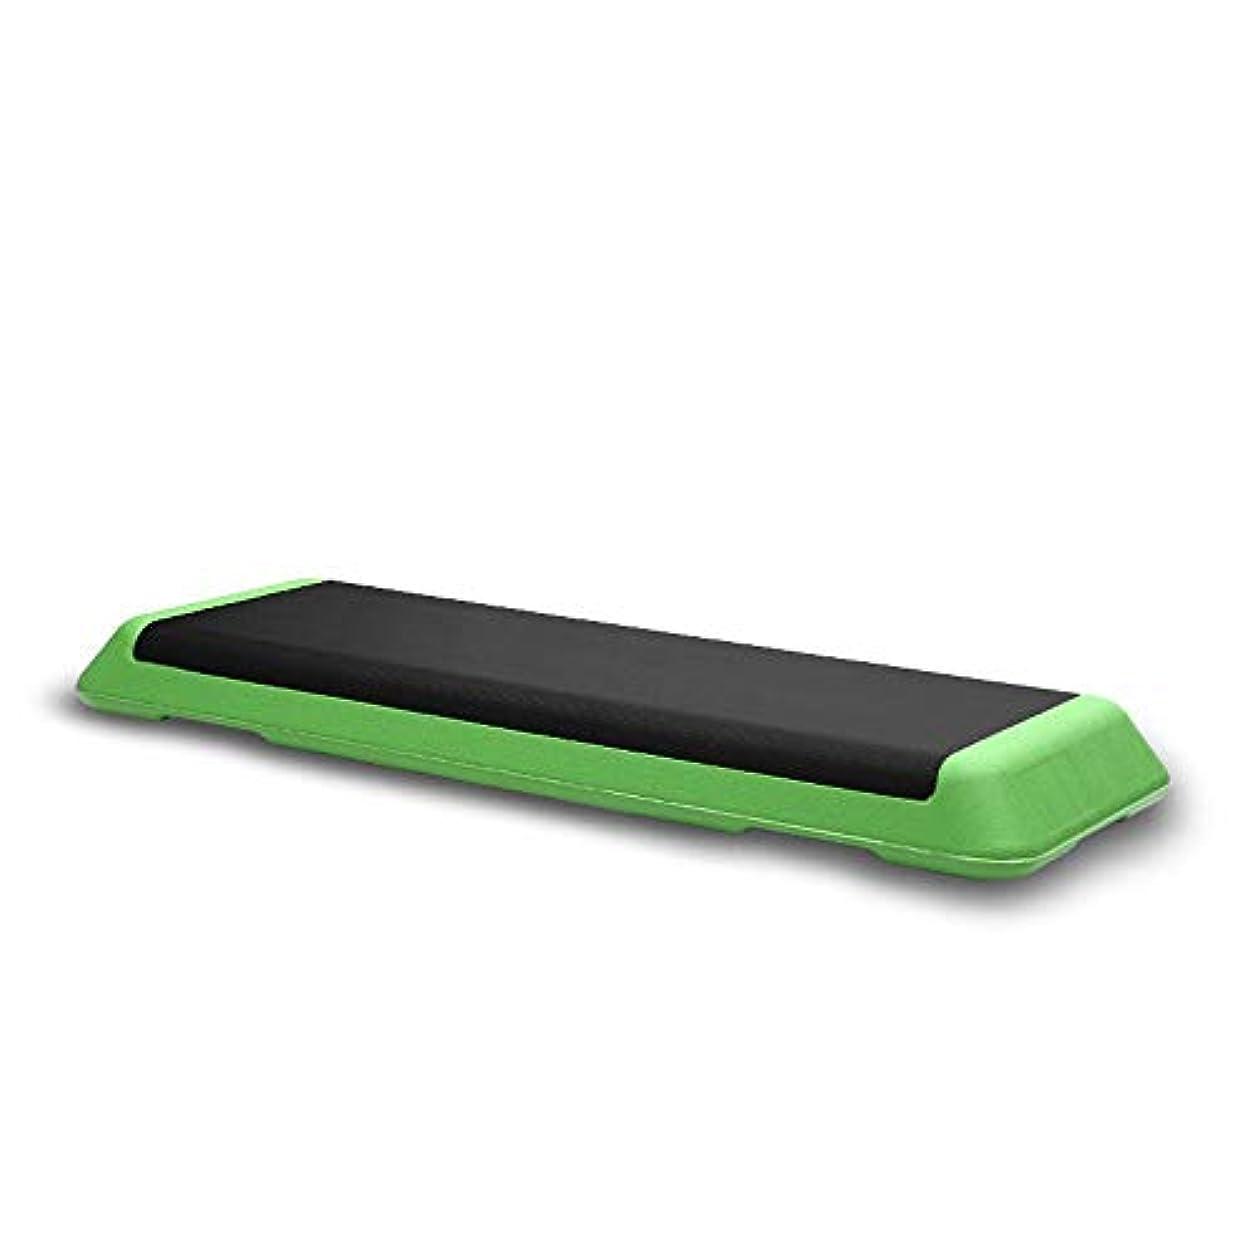 のれん温室感動する踏み台昇降運動 エアロビクスステップ カーディオフィットネスやエクササイズノンスリップ設計のためのステップ?プラットフォームの運動機器有酸素ステッパー 段階調節可能 静音 トレーリング (色 : 緑, Size : 110x41x10cm)